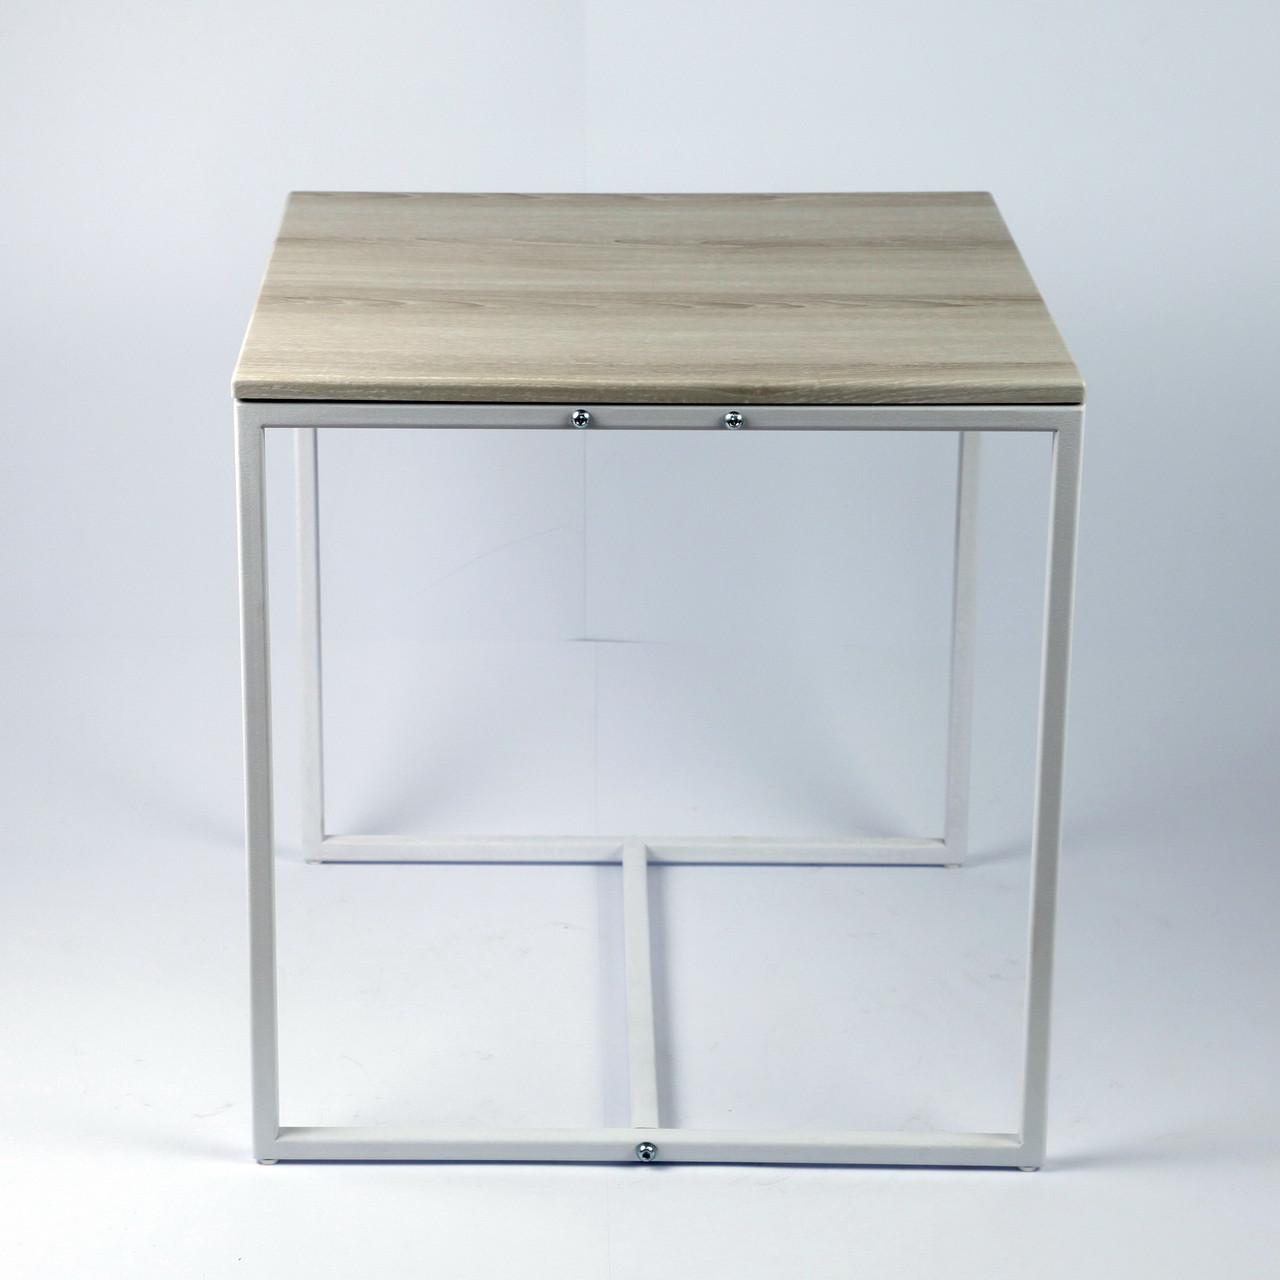 Стол журнальный Куб 450 Дуб пепельный / белый (Cub 450 pepel-white)